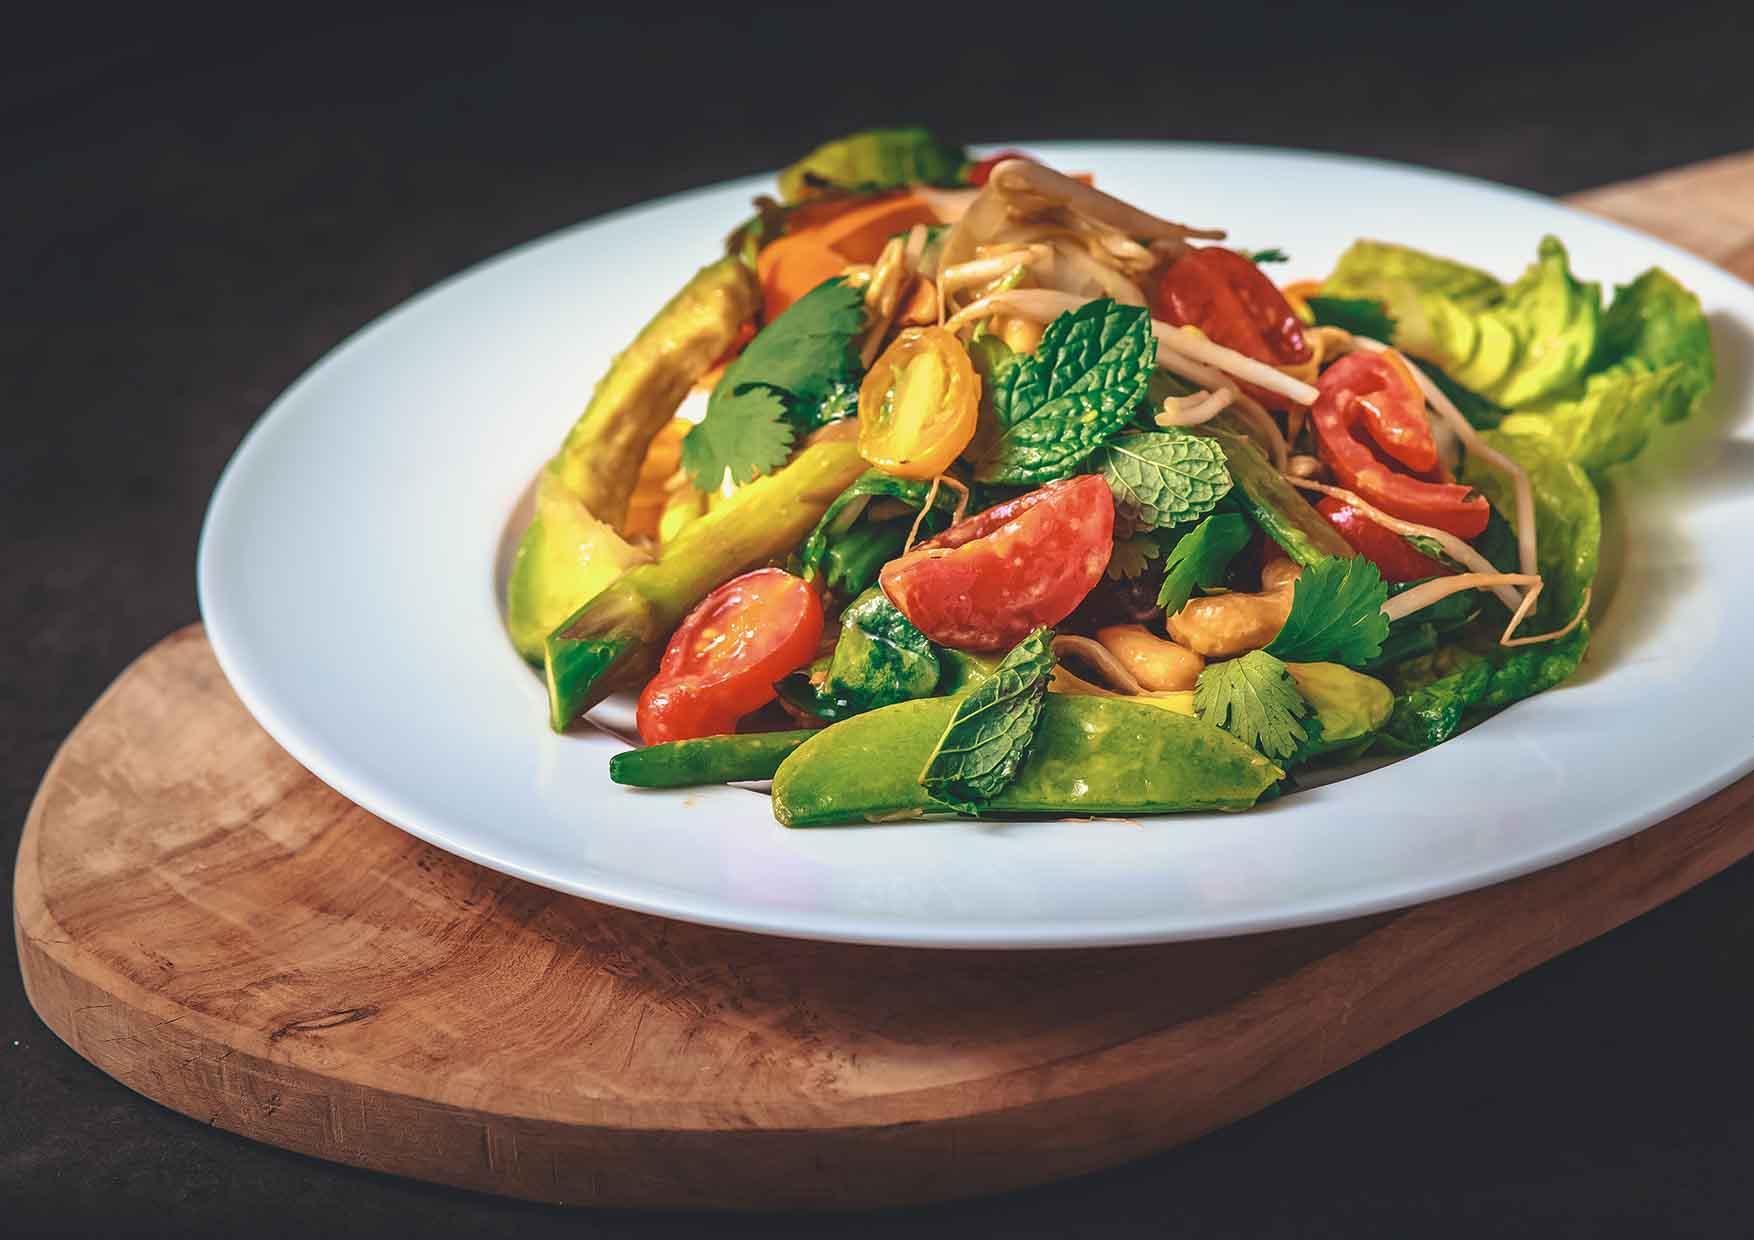 Crunchy Vegetable Salad - comida a domicilio cerca de mi - Meatpacking